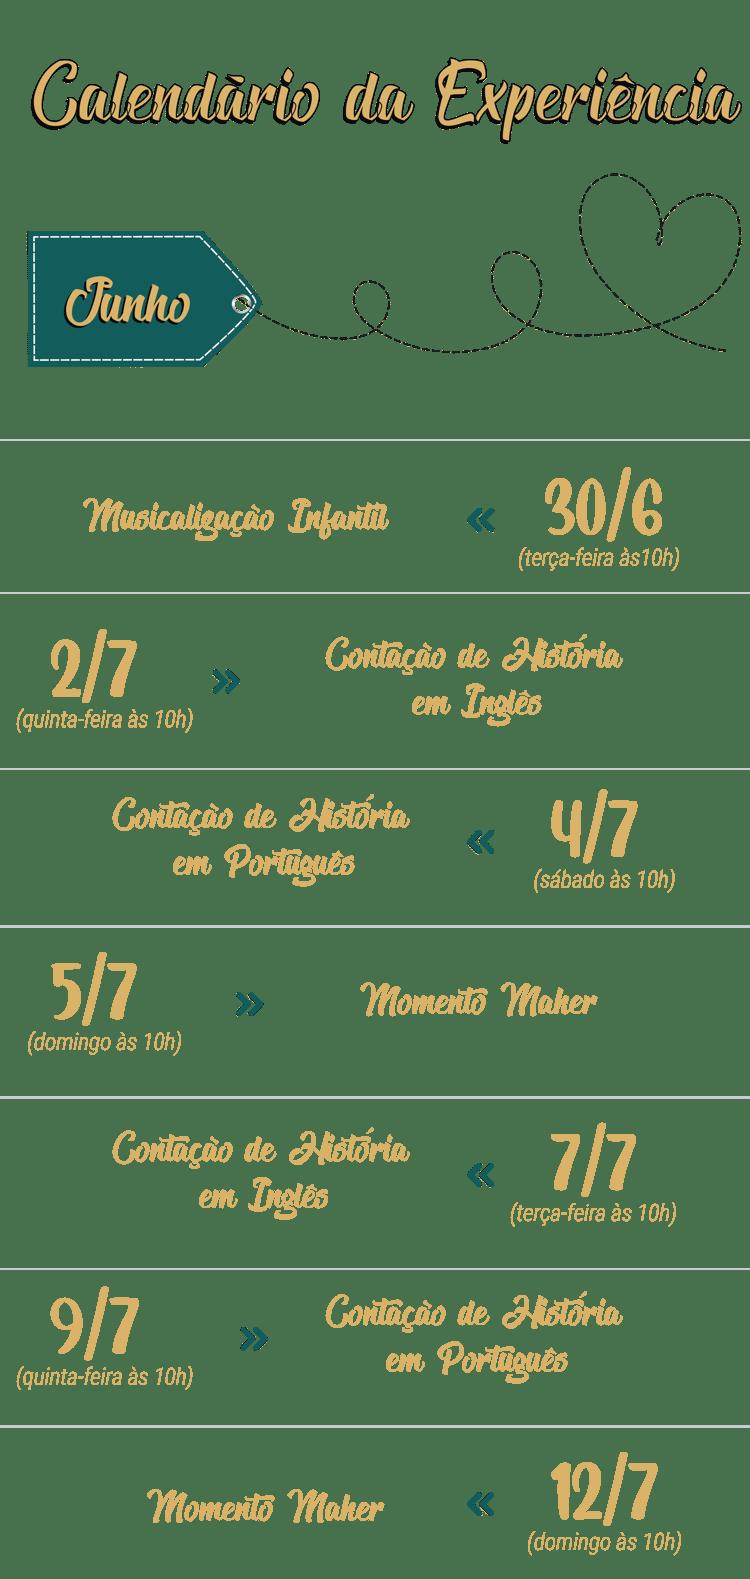 Calendario MomsXperience - 2020 - Versão Remota_Semana 1_Semana 1_Semana 1-1